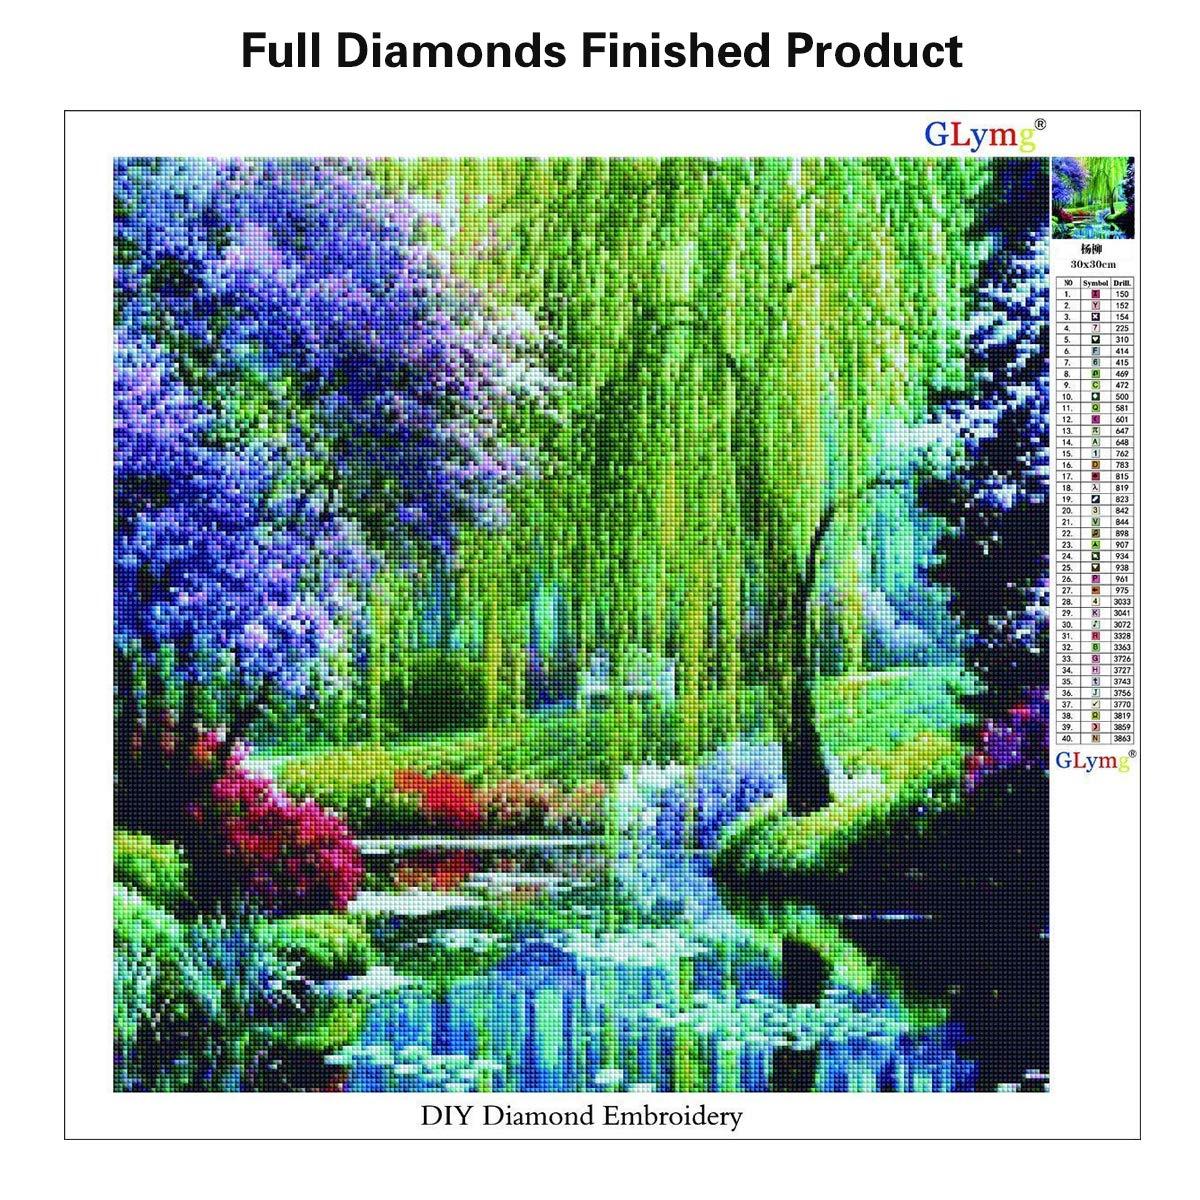 Milchglas Chrom Badartikel Zubehör Lagerdeal Glasablage 600x55x130mm Messing